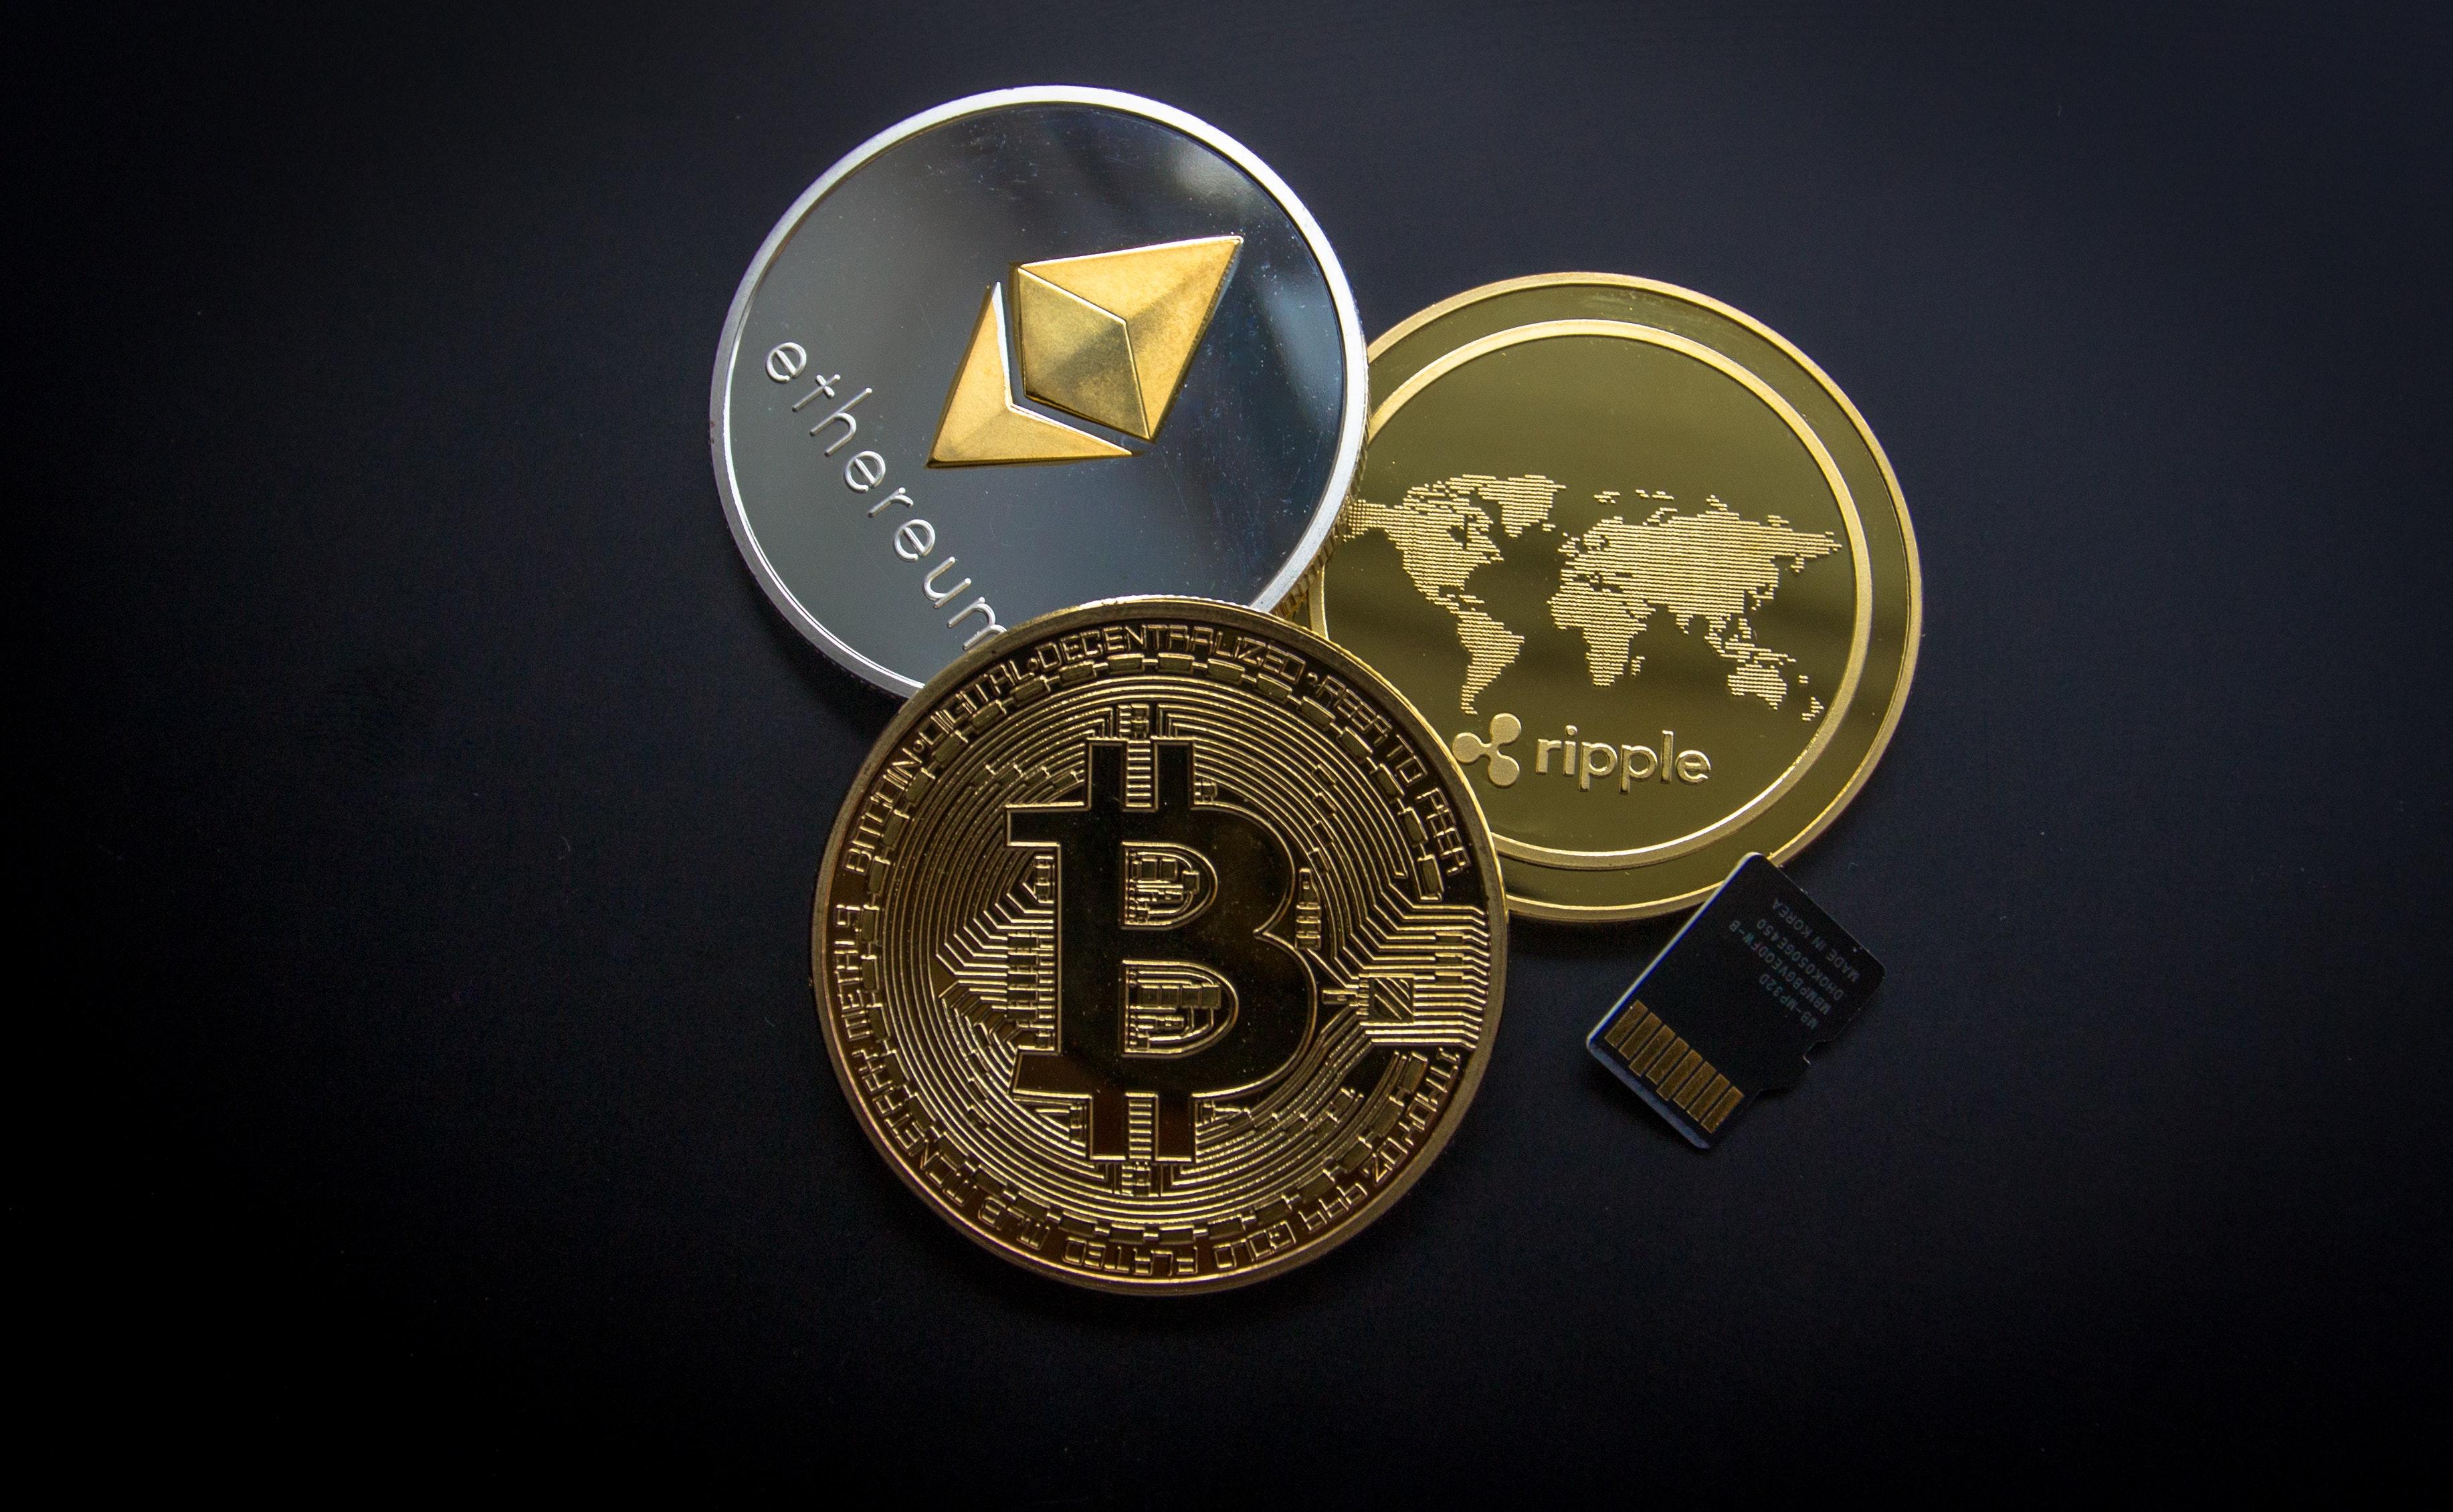 Vietinių bitcoinų tikrinimo lygiai. Būdas gauti bitcoin greitai, kaip gauti bitcoin?